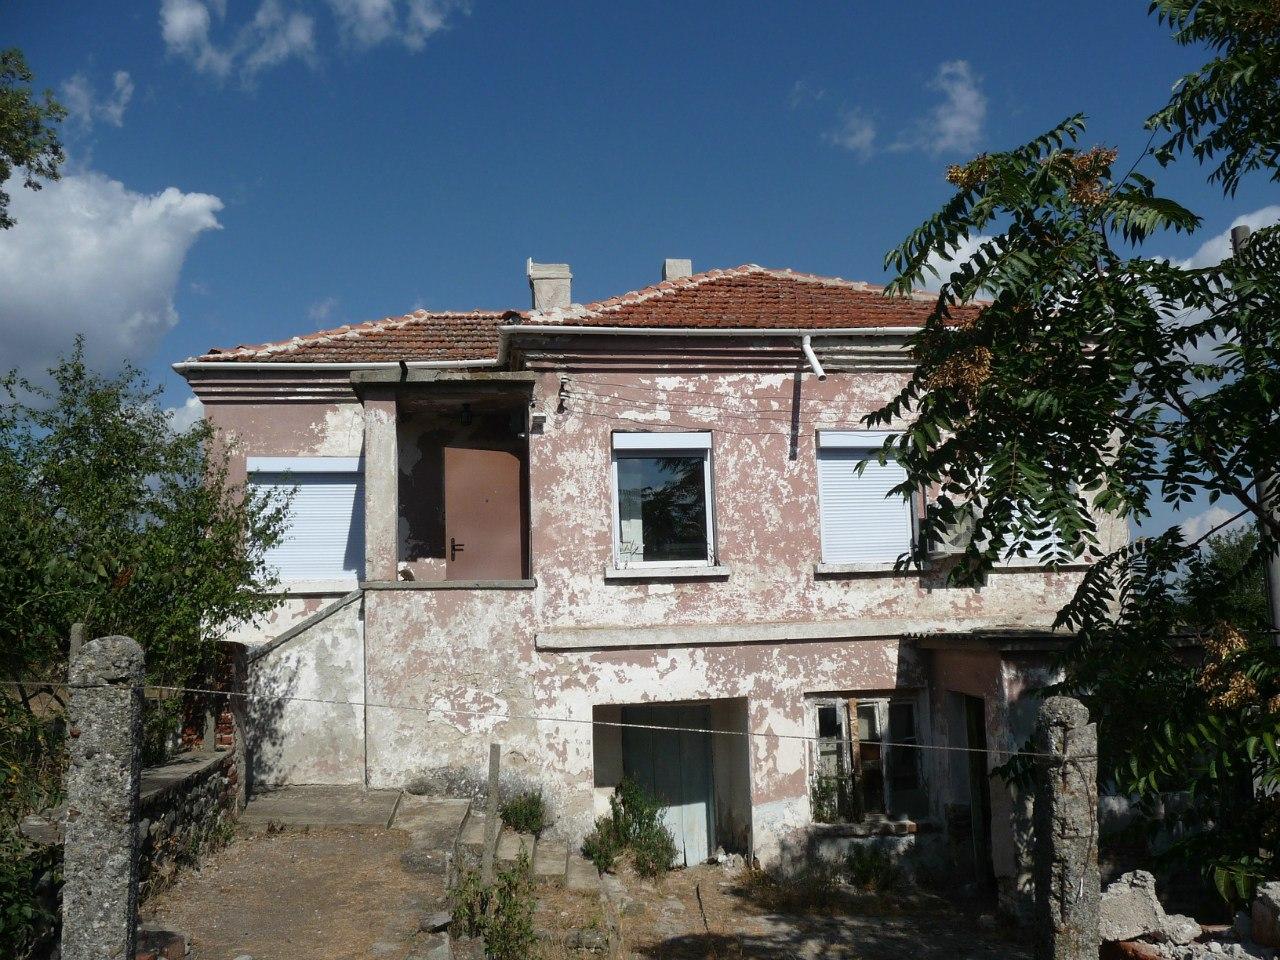 недвижимость от собственников в Болгарии